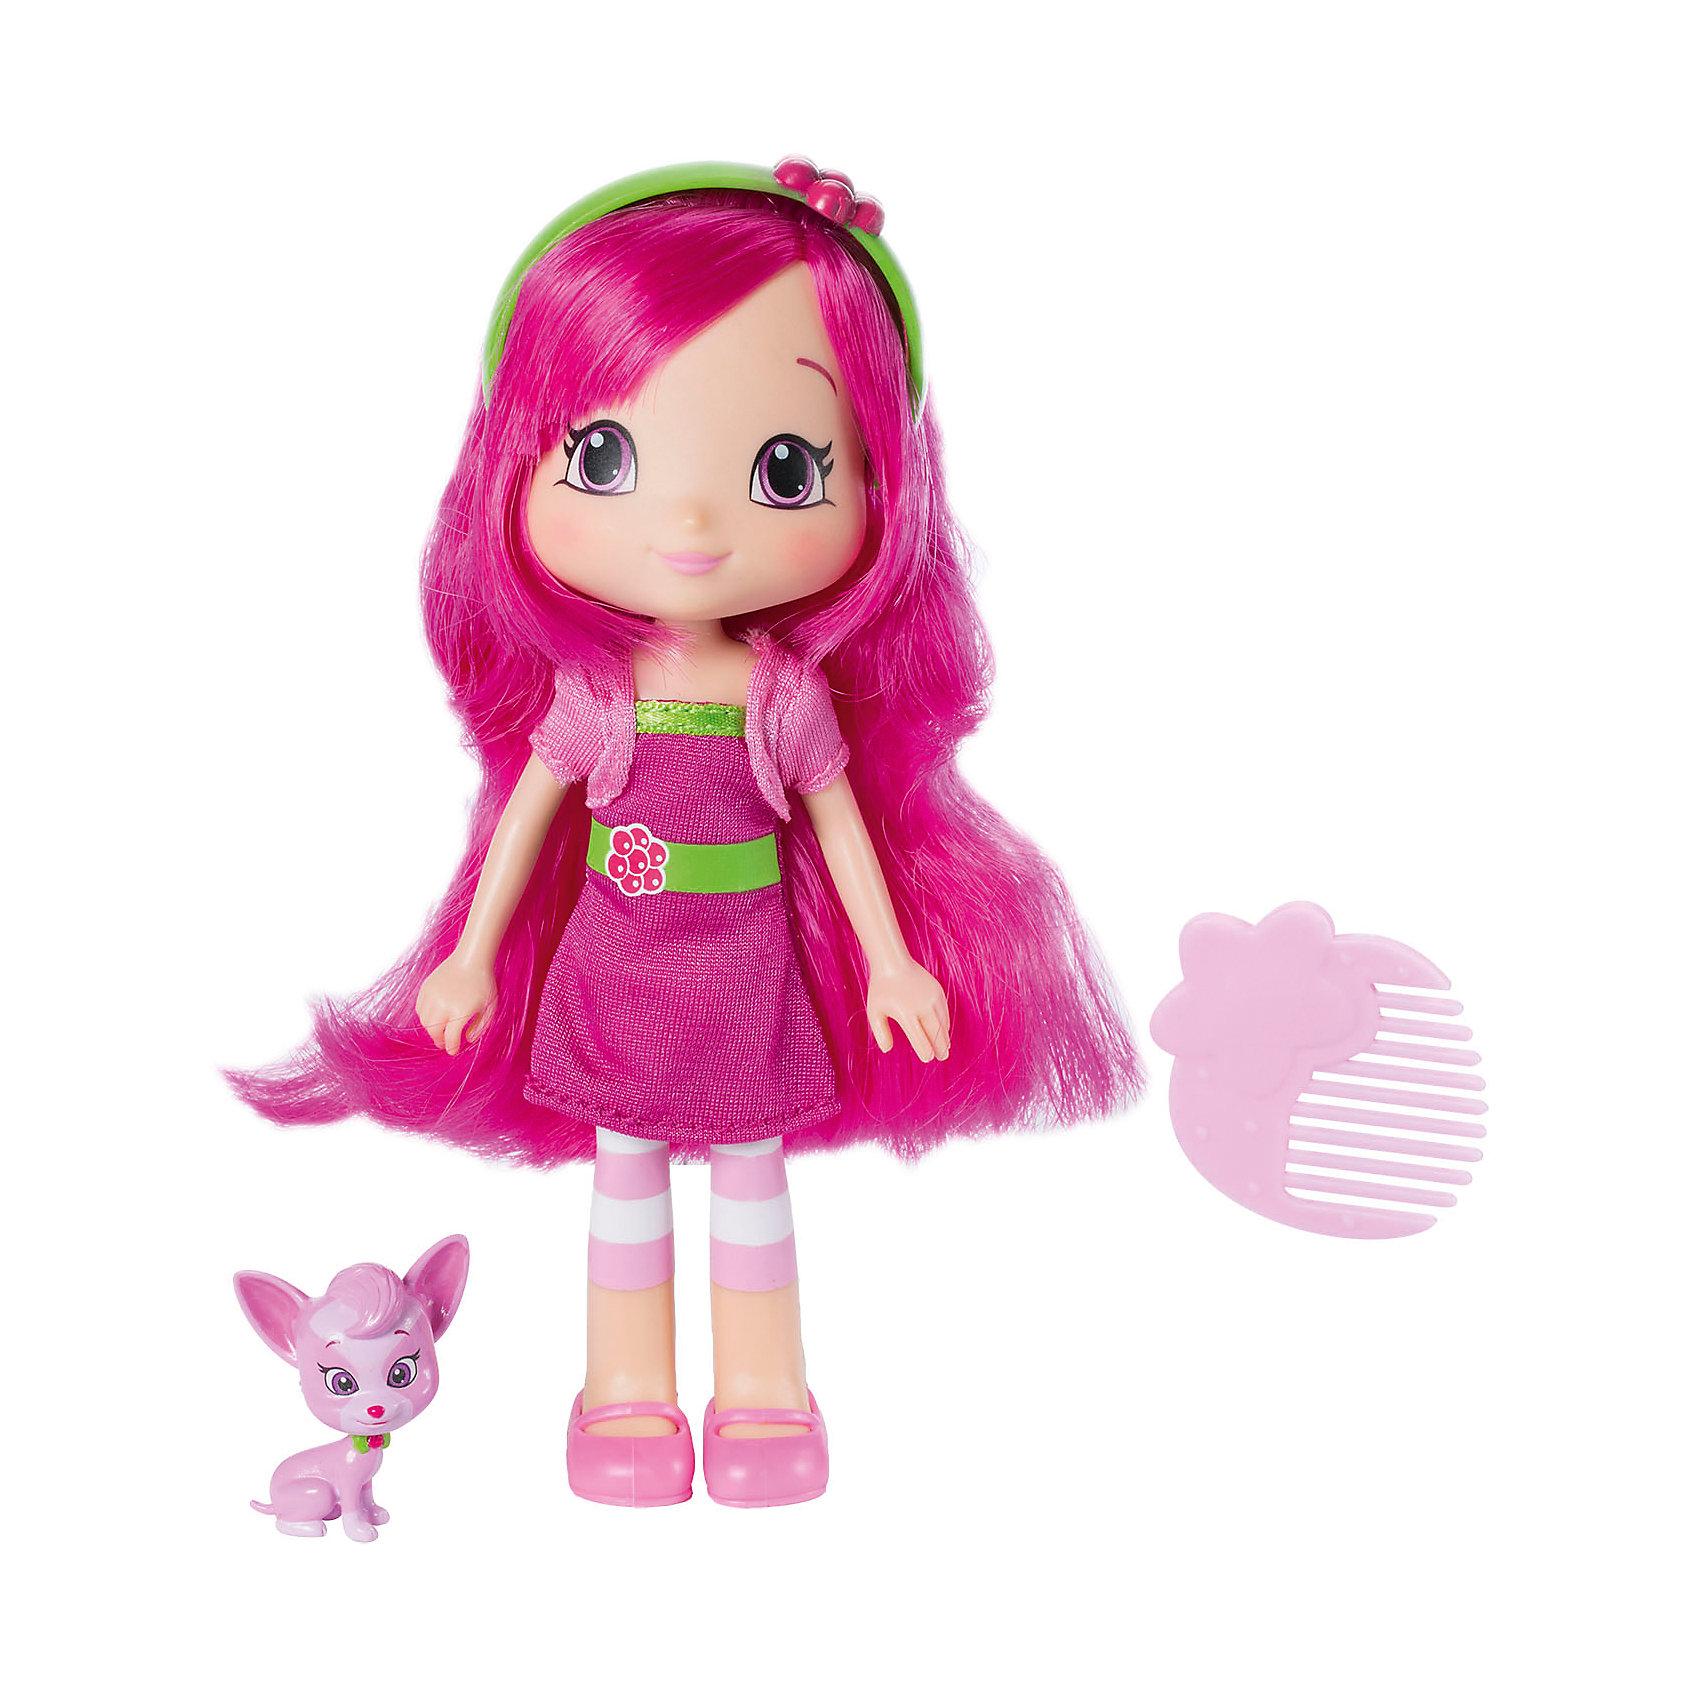 Кукла Малинка с питомцем, 15 см, Шарлотта Земляничка, The BridgeБренды кукол<br>Знакомьтесь, это Малина. У нее очень эффектная внешность, большие красивые глаза и милая улыбка. Она одета в розовое платье, короткий жакет и лосины в бело-розовую полоску. Так же, у Малины длинные волосы, с которыми можно делать самые разнообразные прически!<br><br>Дополнительная информация:<br><br>- Возраст: от 3 лет.<br>- В наборе: кукла, питомец, аксессуар.<br>- Материал: пластик, текстиль.<br>- Размер куклы: 15 см.<br>- Размер упаковки: 20х6х15 см.<br><br>Купить куклу Малина с питомцем, можно в нашем магазине.<br><br>Ширина мм: 150<br>Глубина мм: 60<br>Высота мм: 210<br>Вес г: 156<br>Возраст от месяцев: 36<br>Возраст до месяцев: 120<br>Пол: Женский<br>Возраст: Детский<br>SKU: 4929089